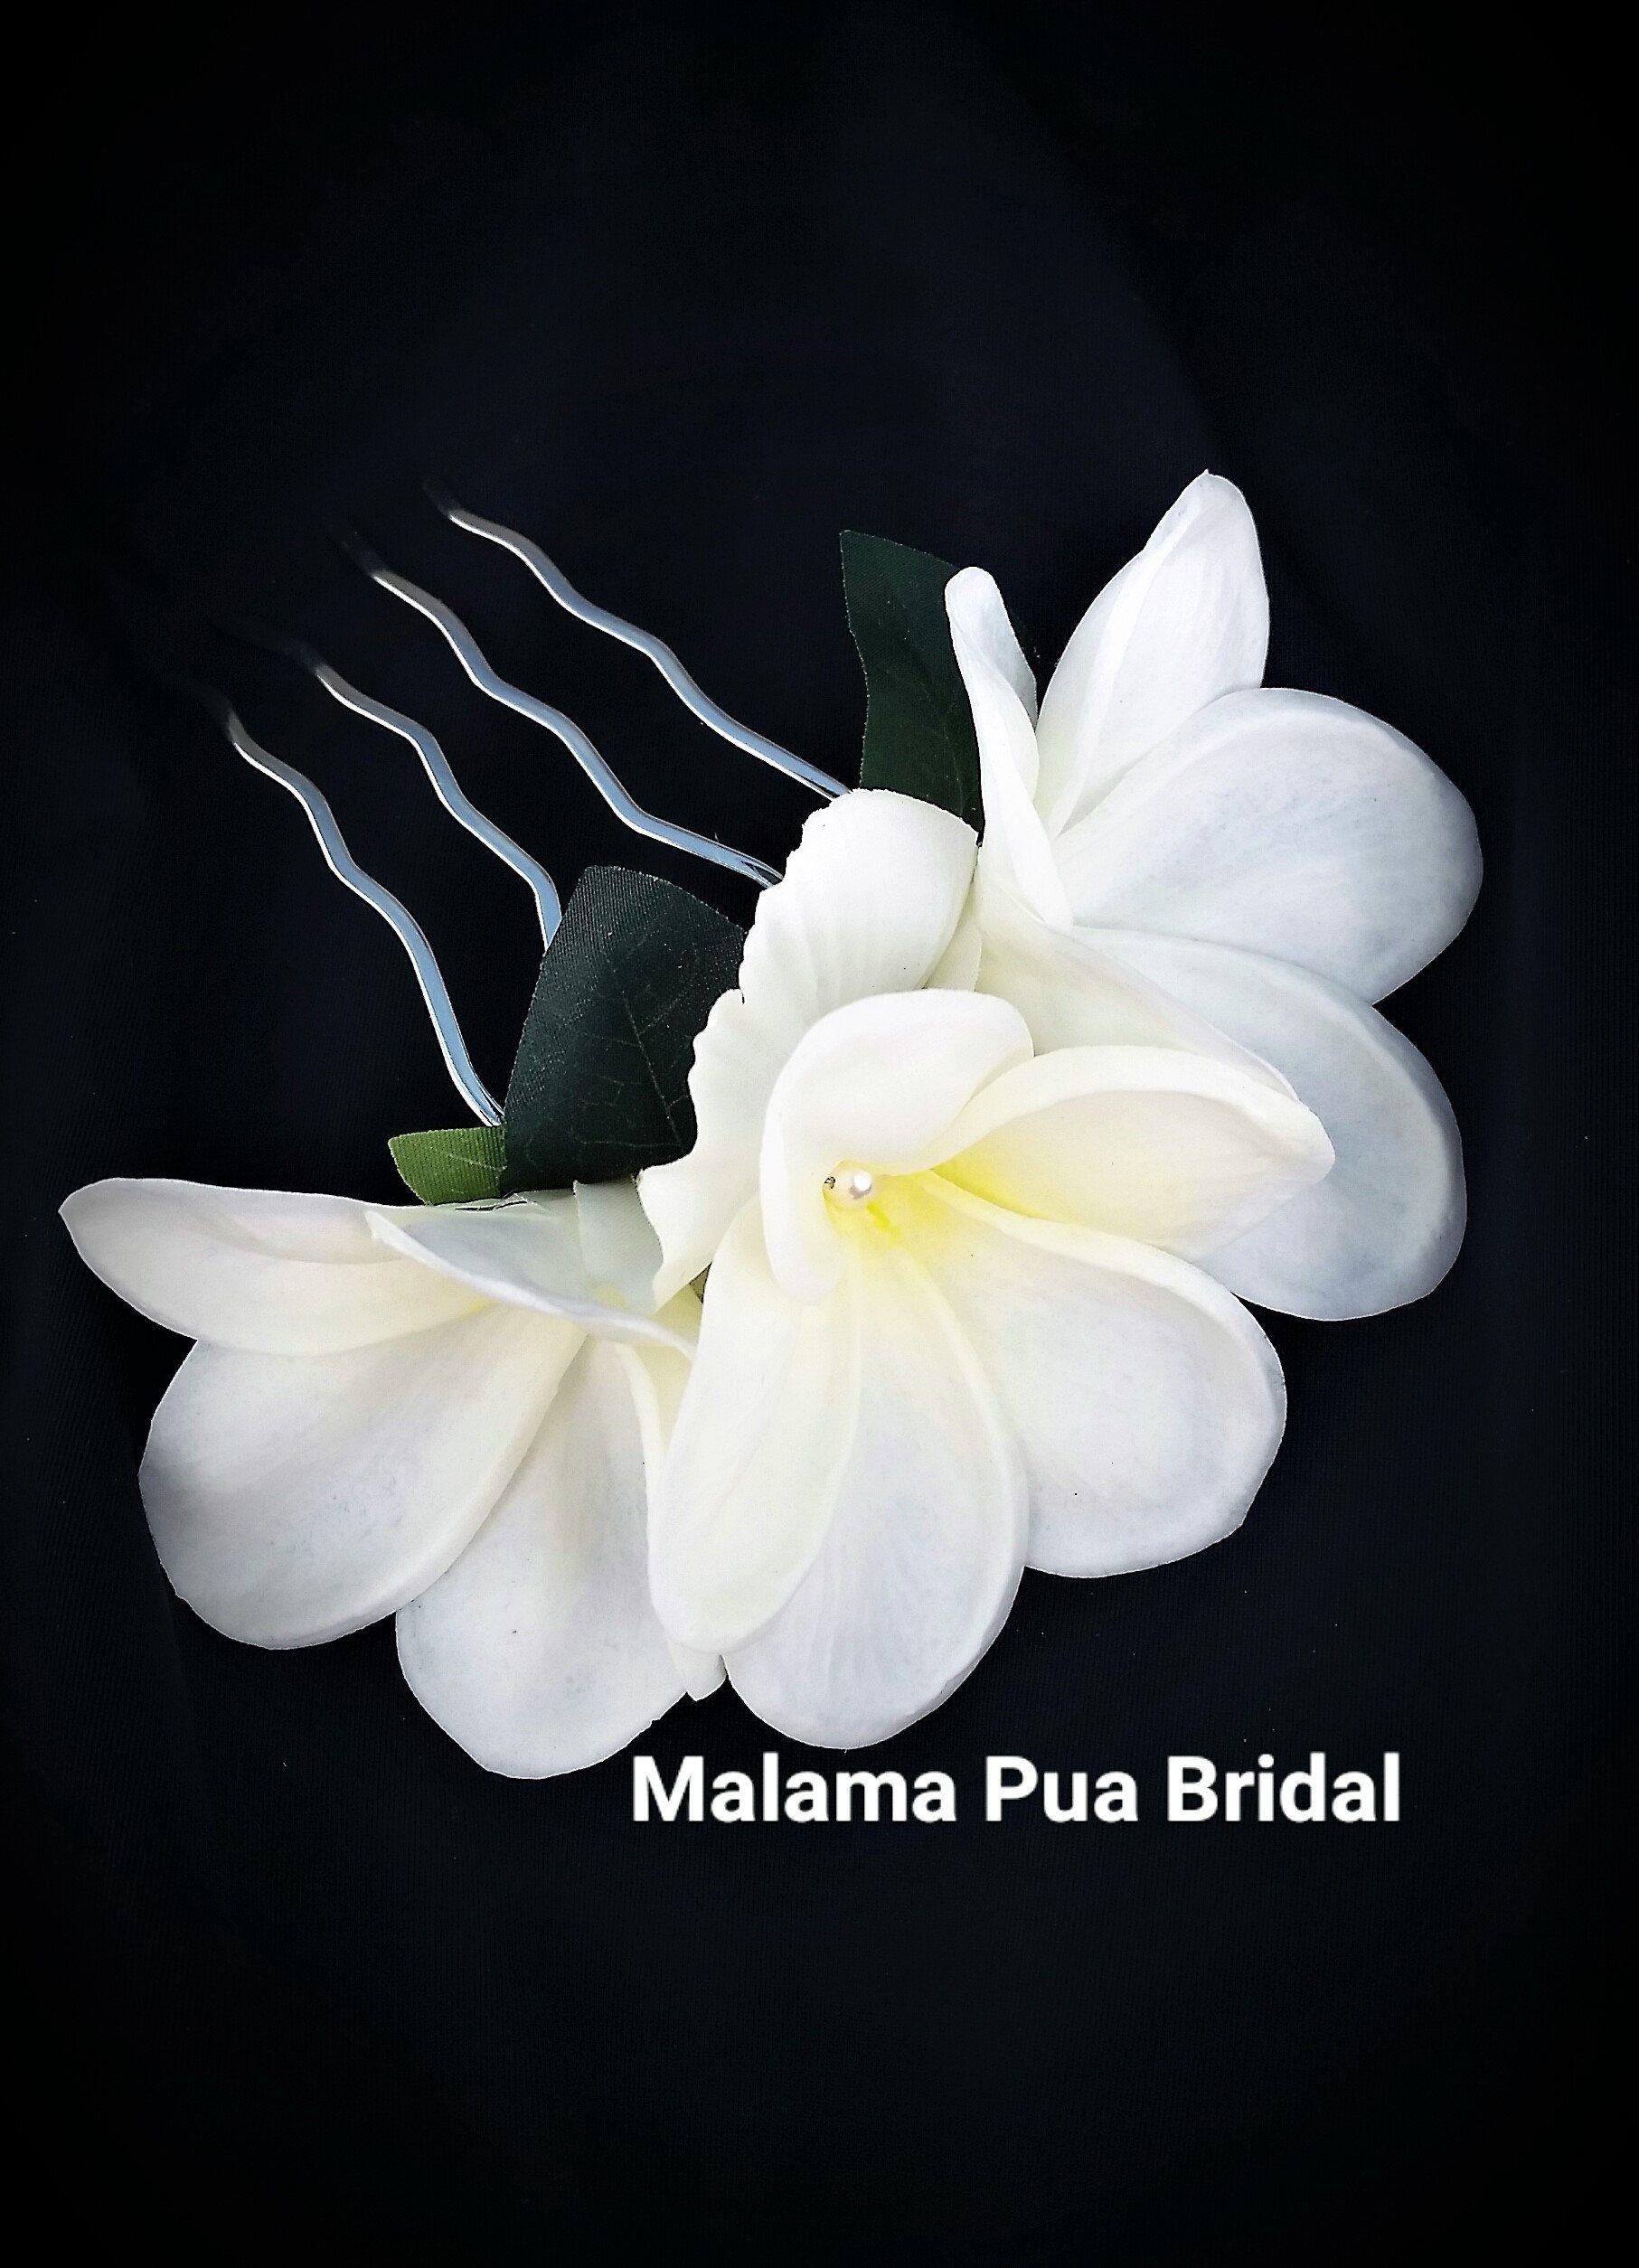 Wedding Hair Comb Hawaiian Plumeria Bridal Silk Flower Clip Beach Wedding Floral Headpiece Tr Floral Accessories Hair Bridal Hair Flowers Flowers In Hair